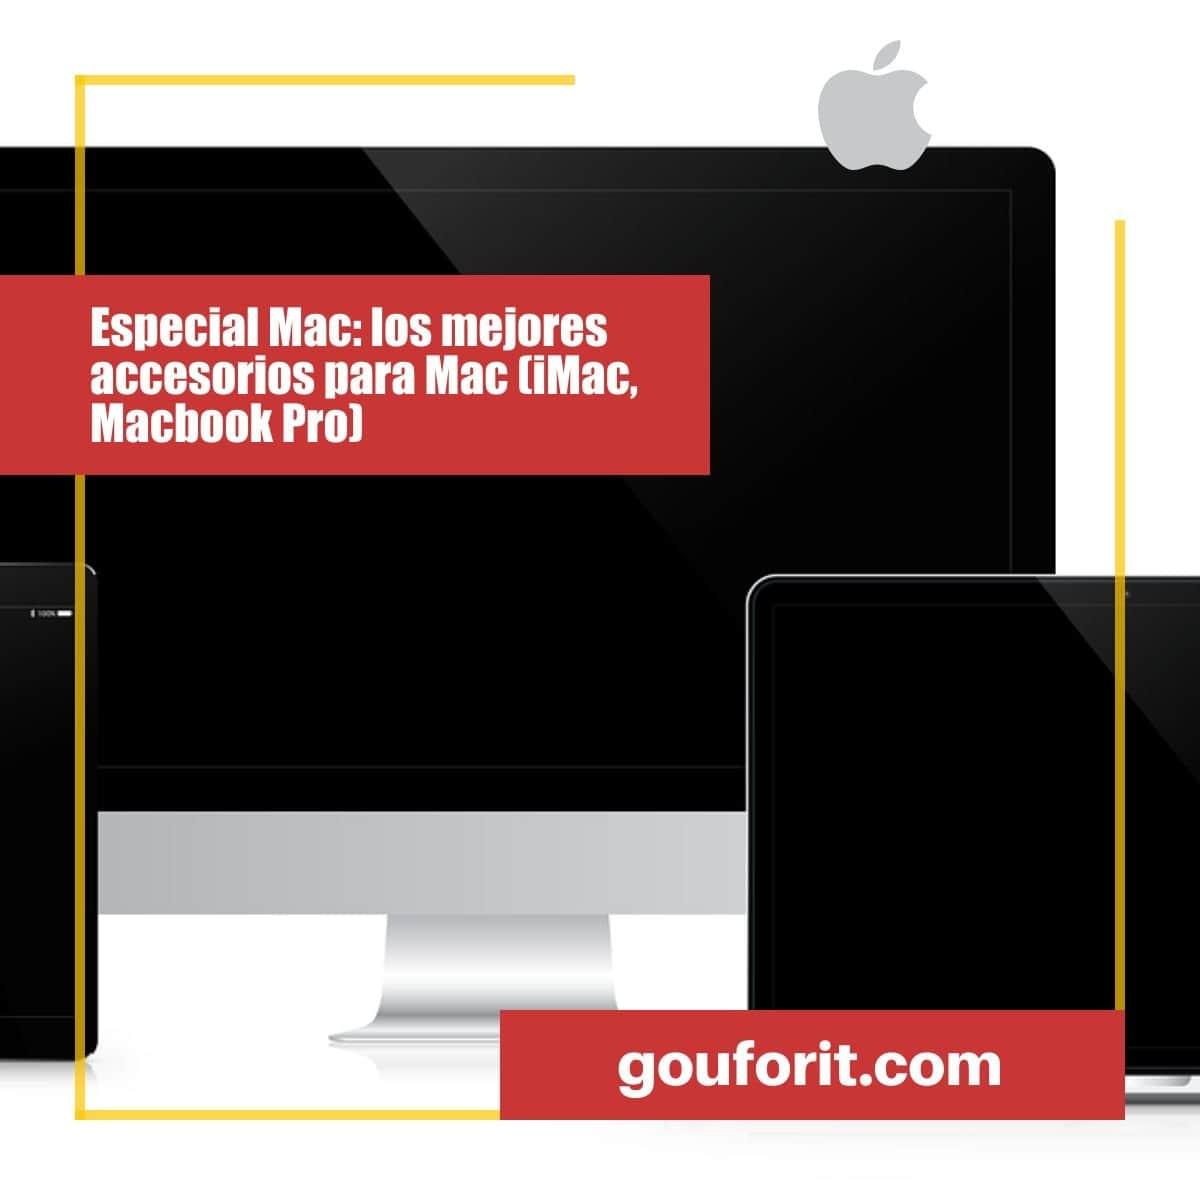 Especial Mac: los mejores accesorios para Mac (iMac, Macbook Pro)